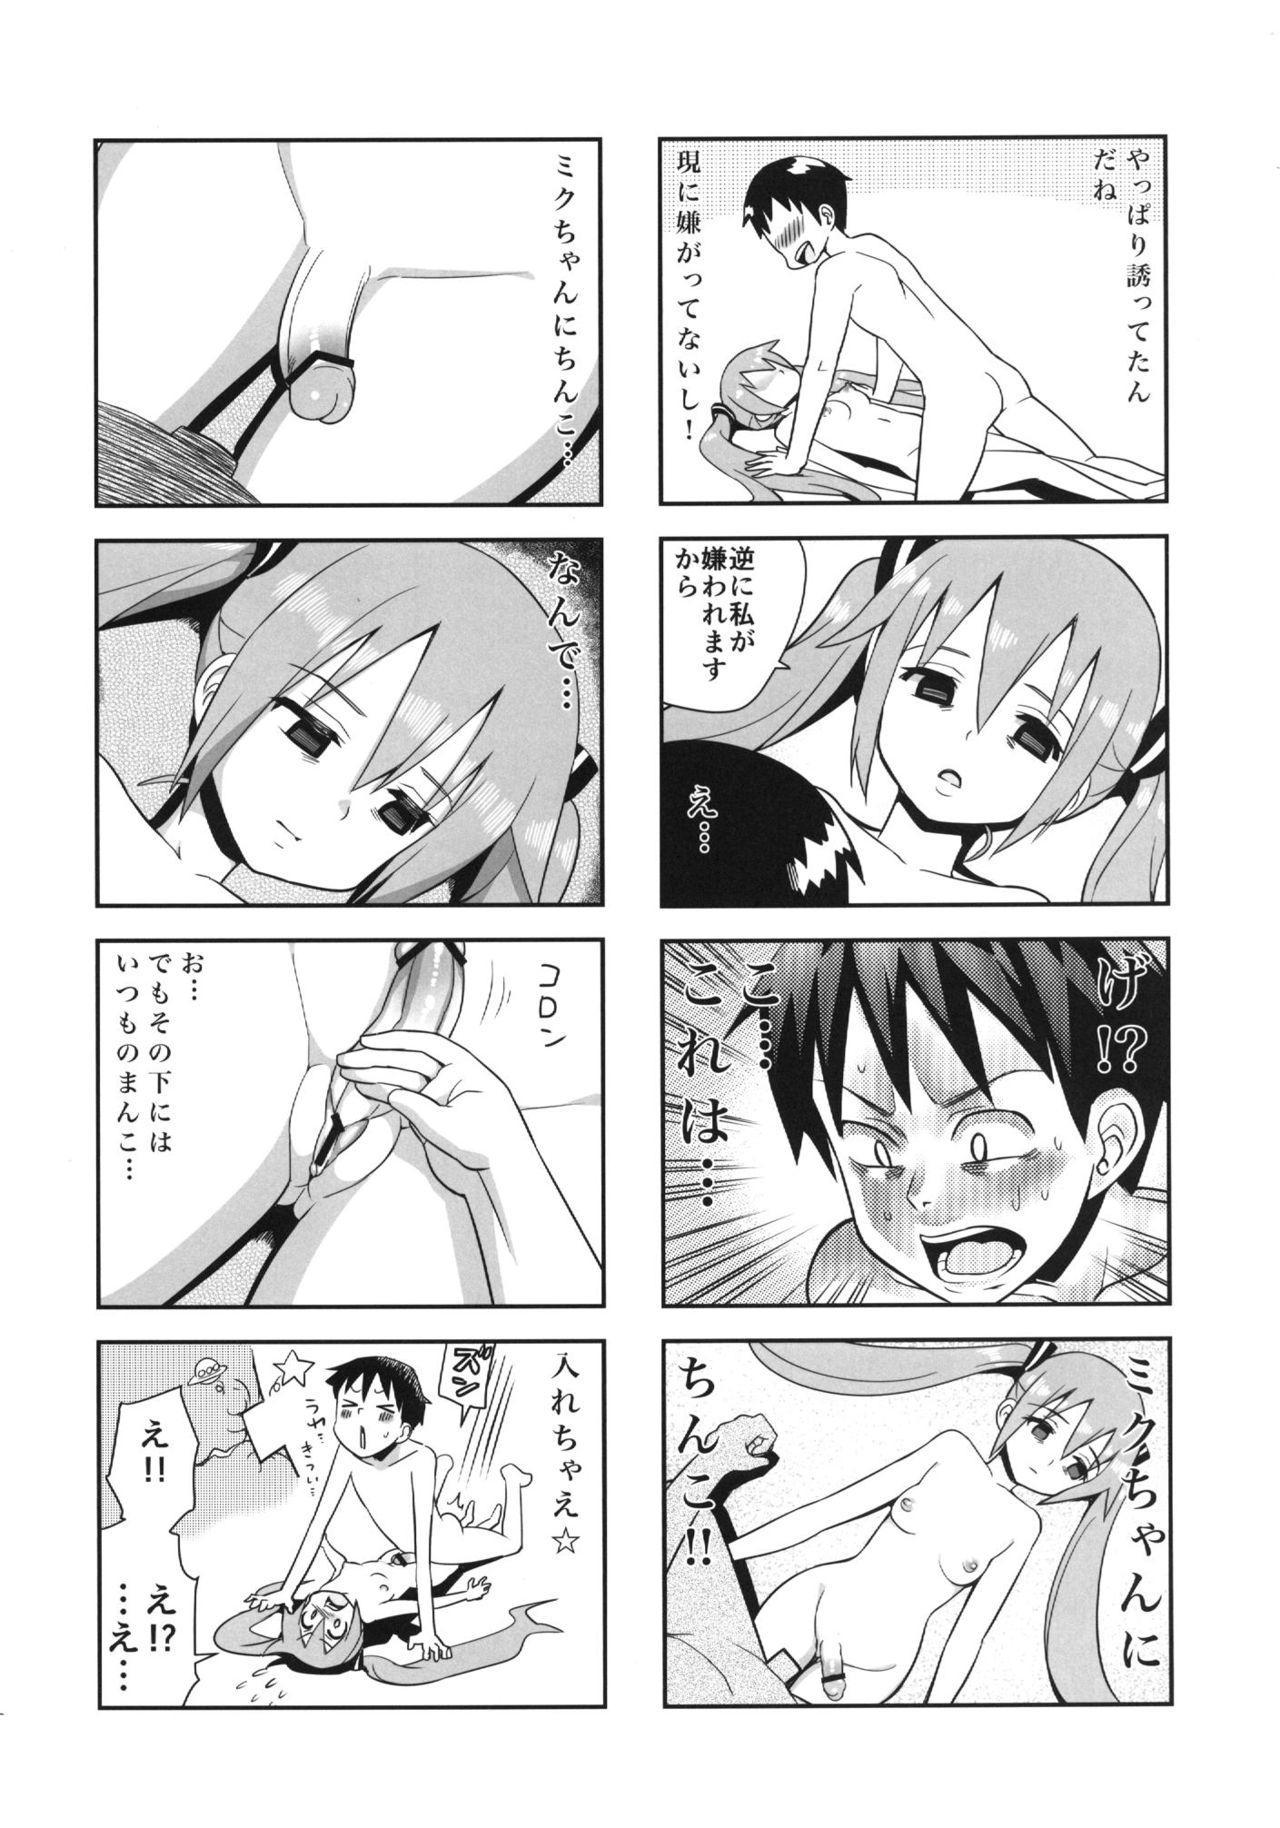 Mikkumiku na Hannou volume. 5 40